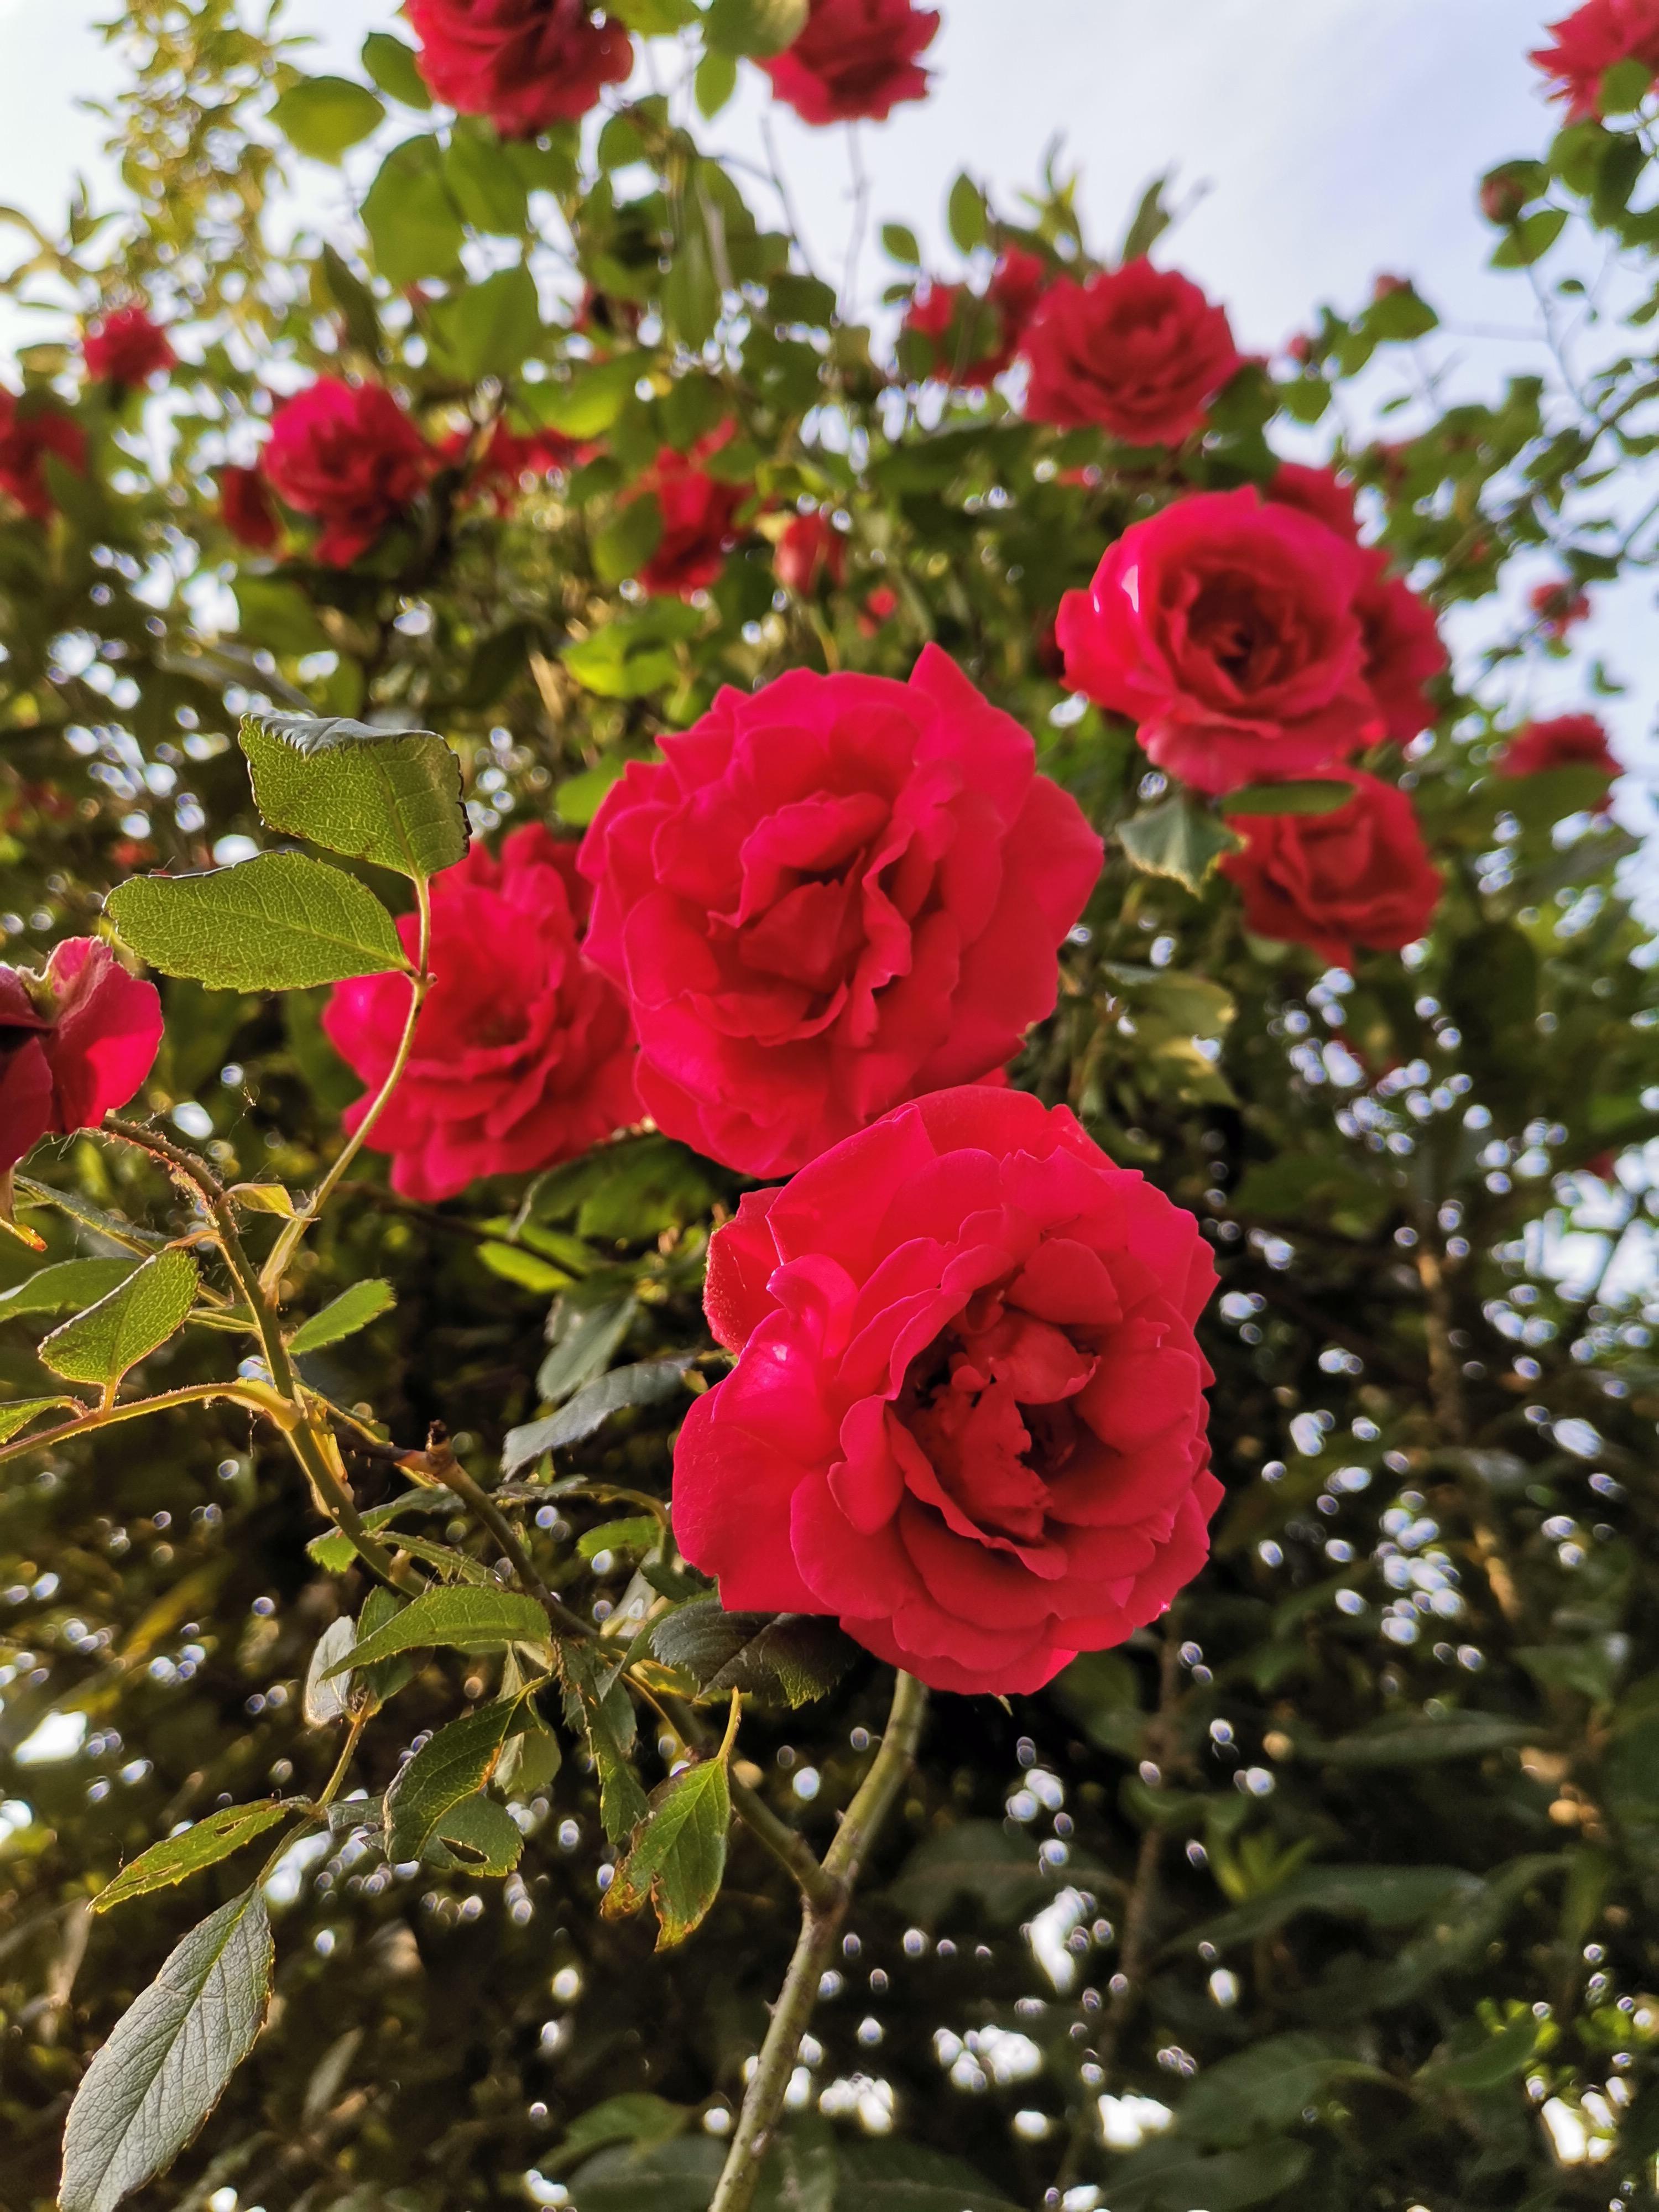 Rose Rosse nella semplicità